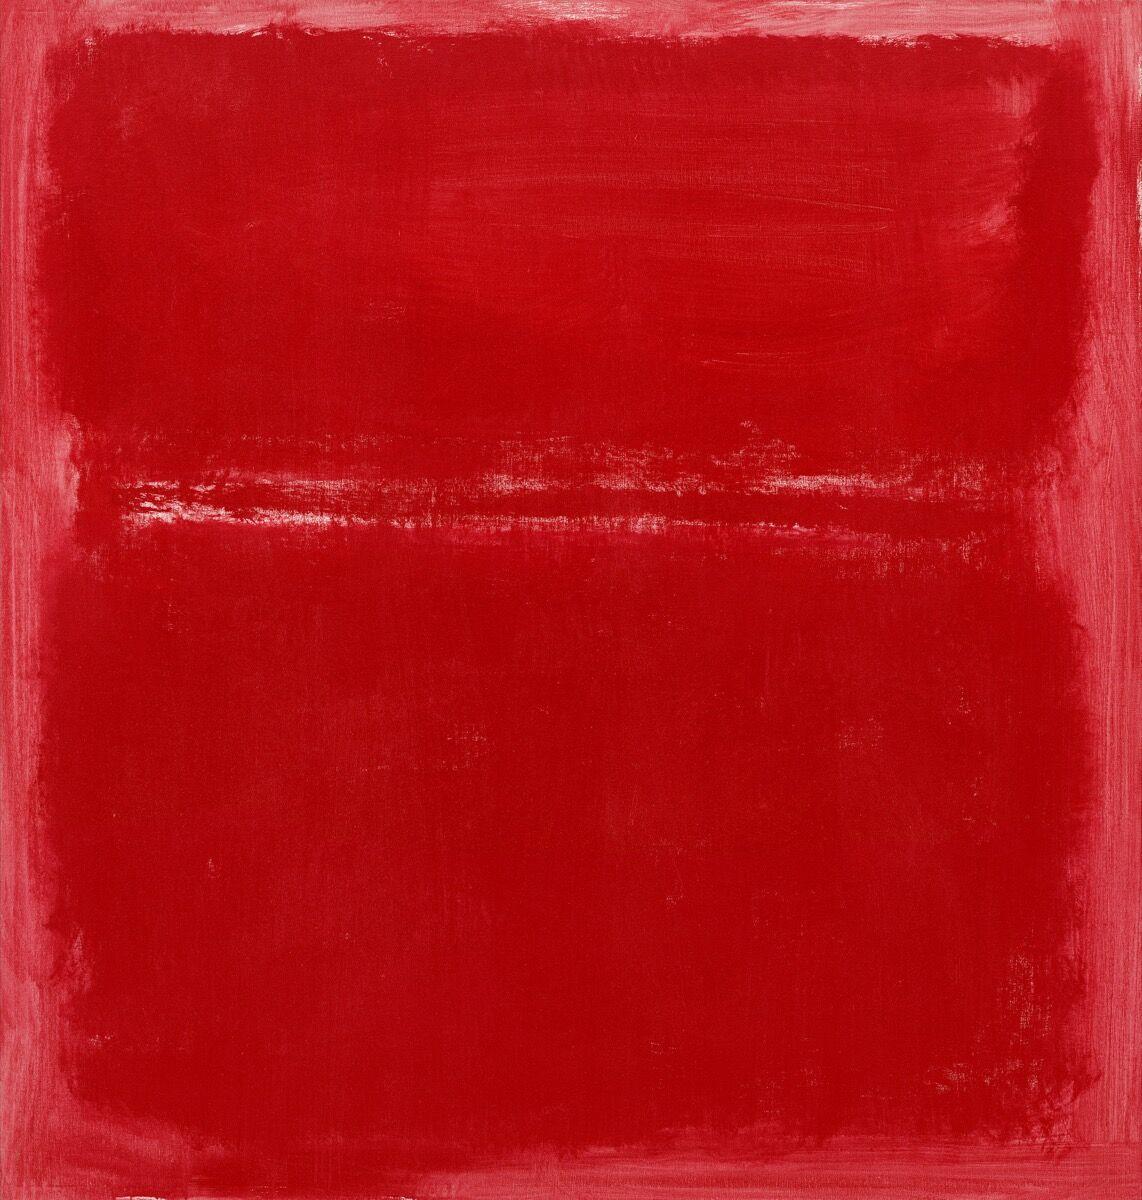 Mark Rothko, Untitled, 1970. Courtesy of the National Gallery of Art, Washington, DC.